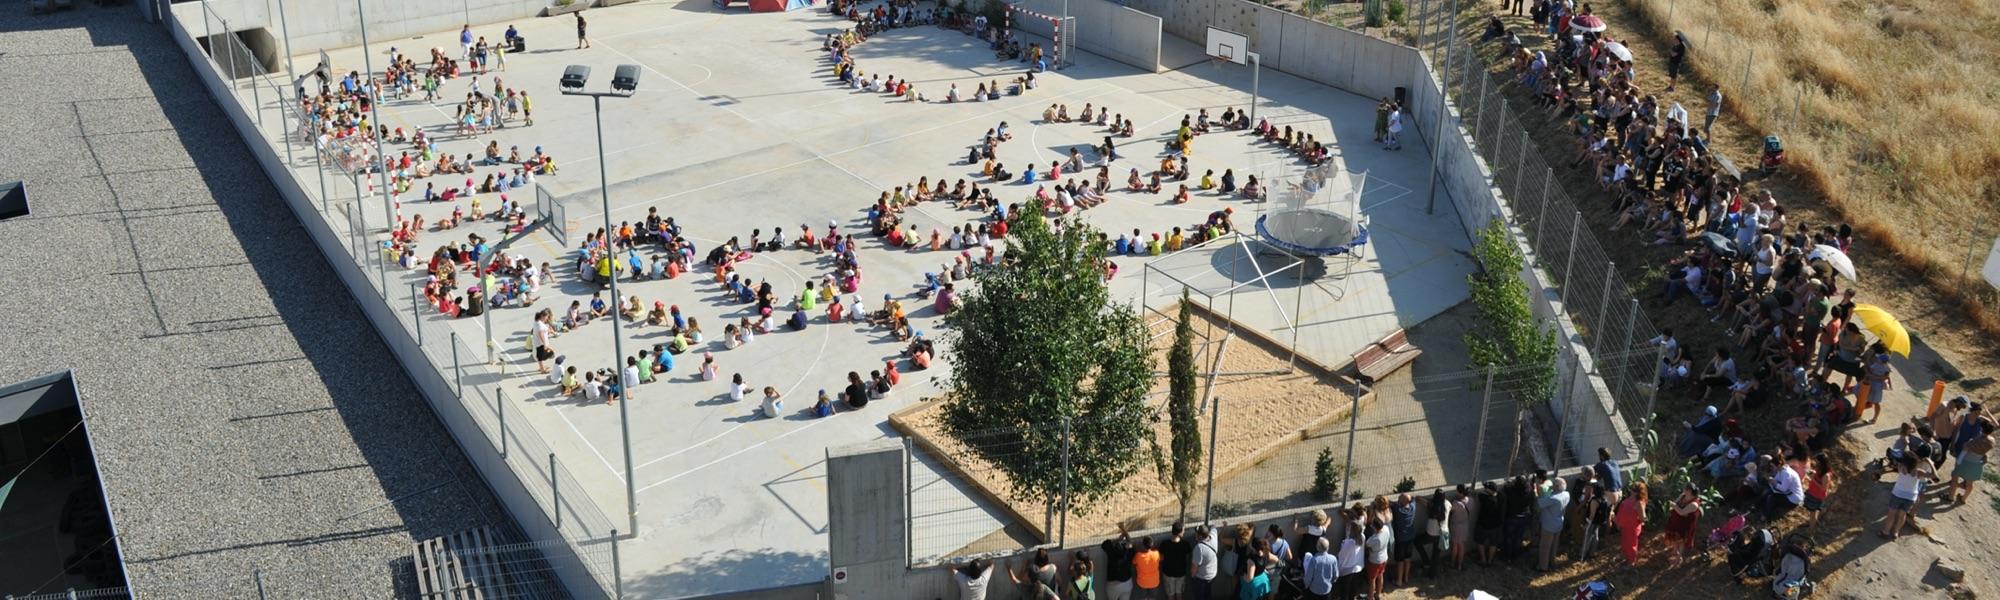 Escola Ítaca, vista aèria del pati on els alumnes fan grups en rotllanes asseguts a terra